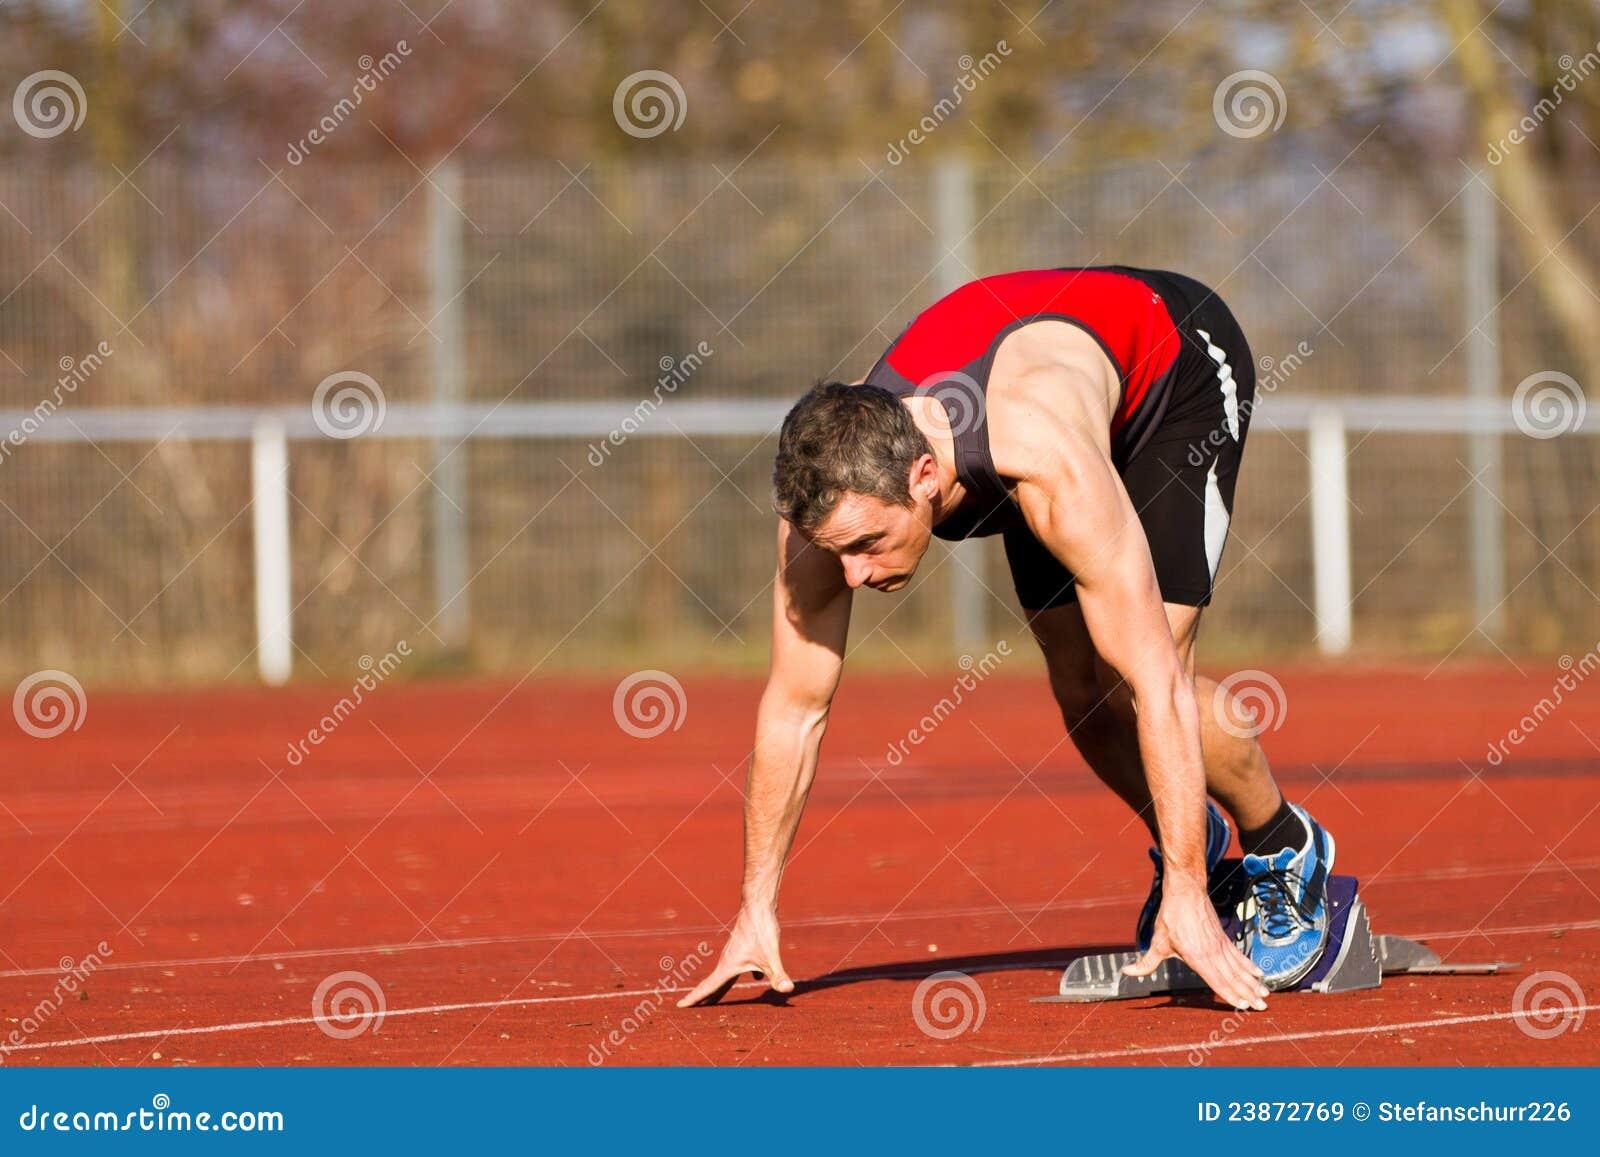 Début Sprinting dans l athlétisme